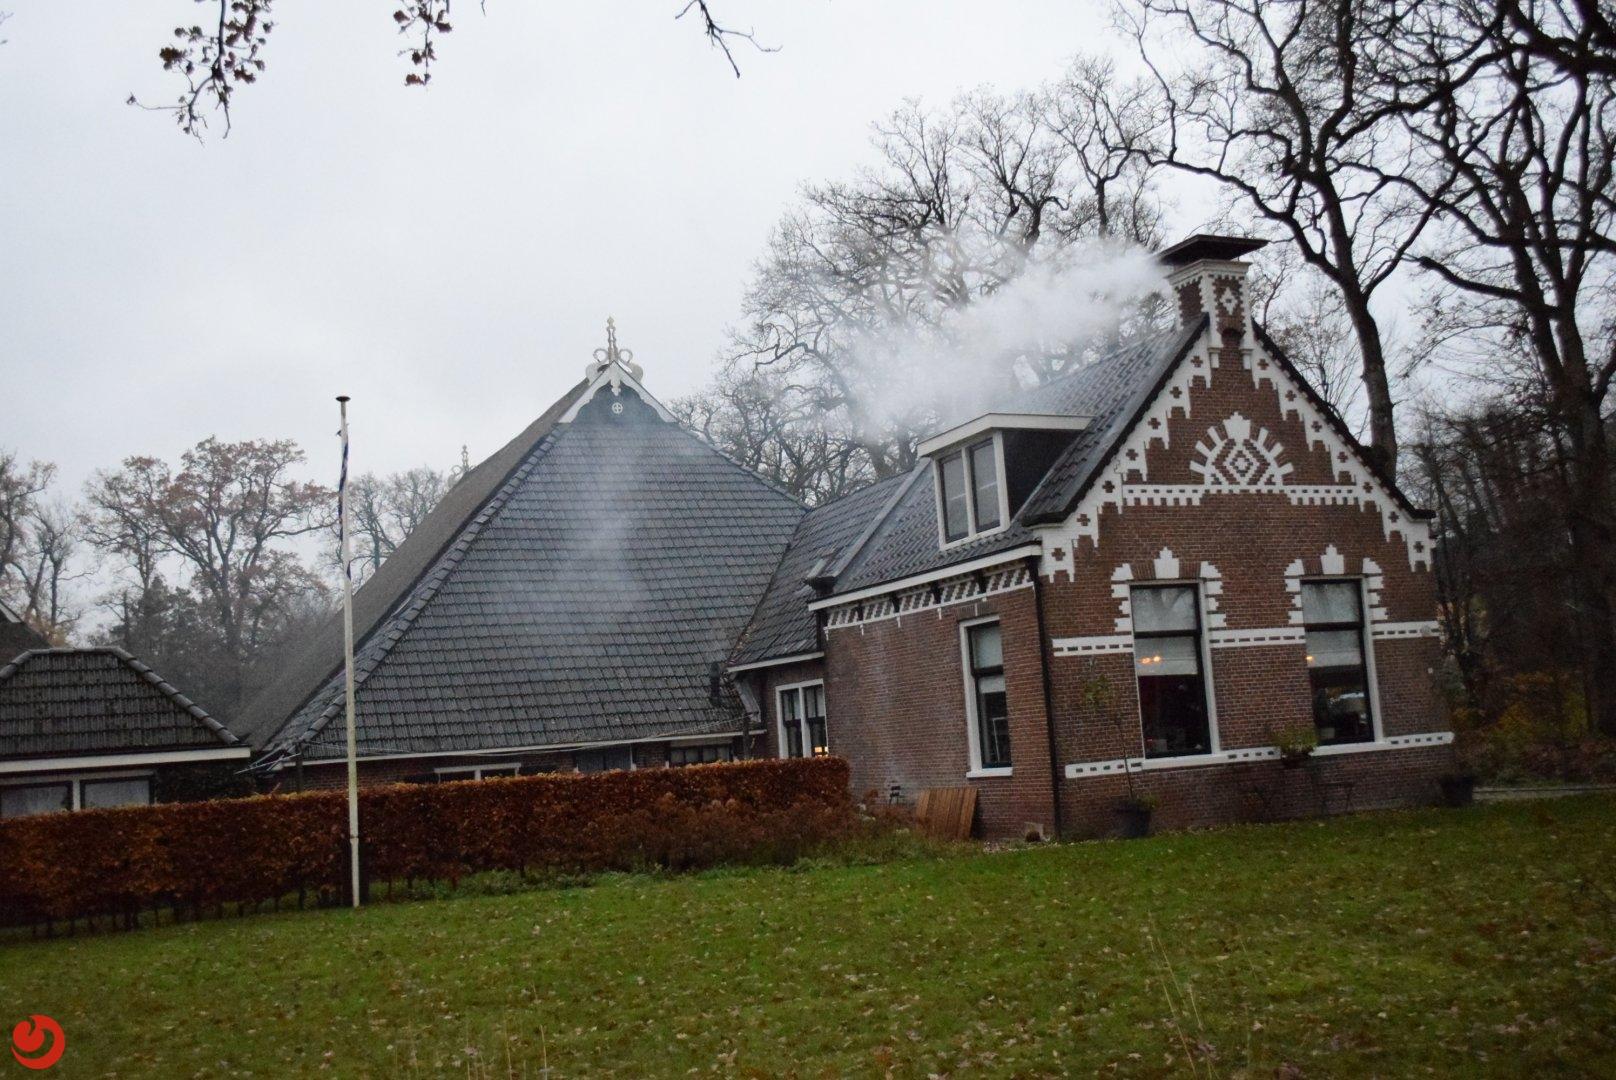 Brand in dak van woning snel onder controle